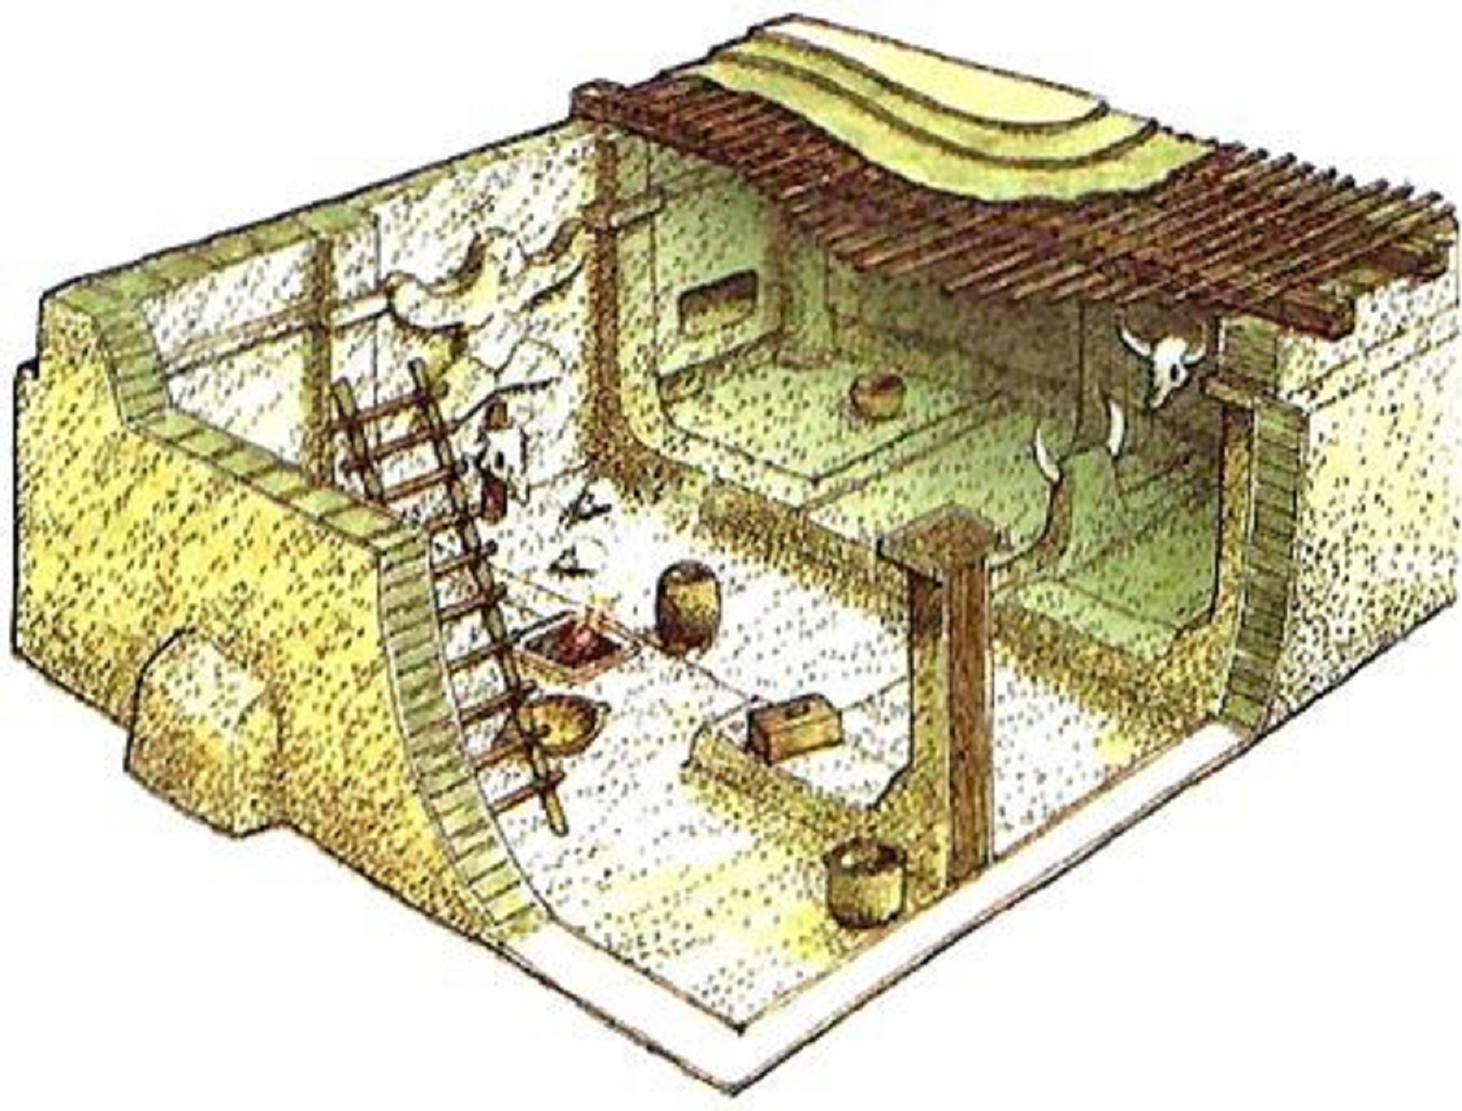 Ἦταν κάποτε μία κατοικία...1